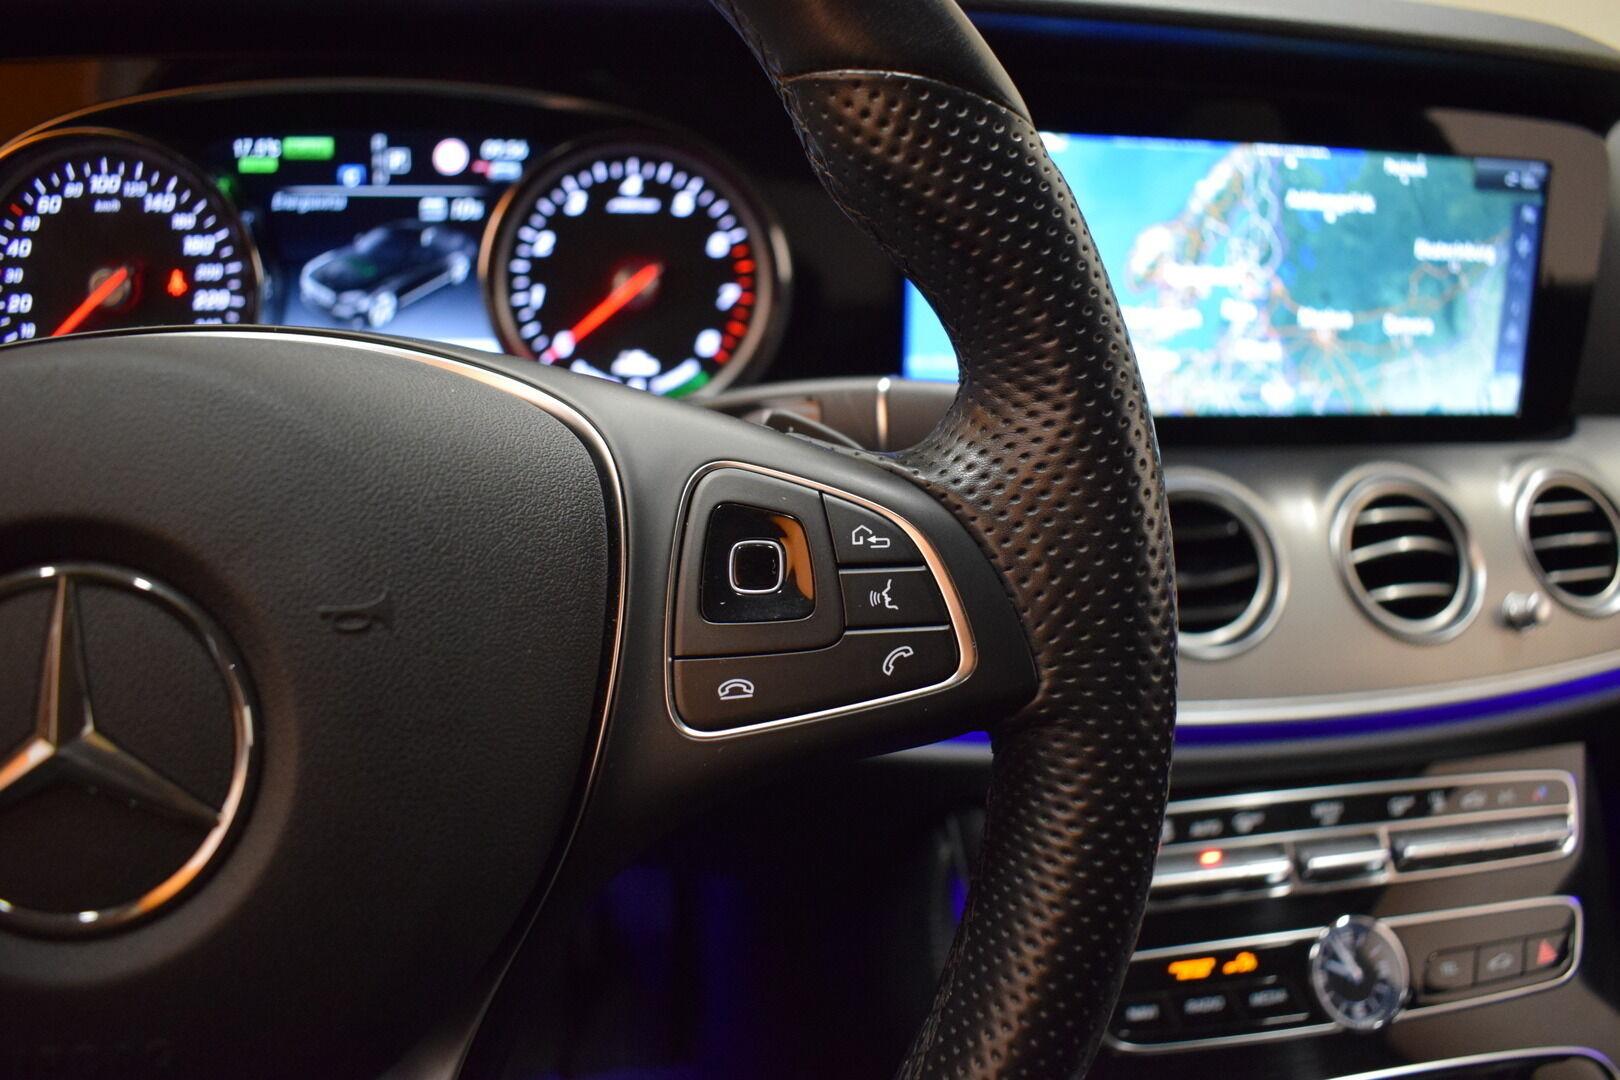 Harmaa Sedan, Mercedes-Benz E – KON-8903, kuva 14